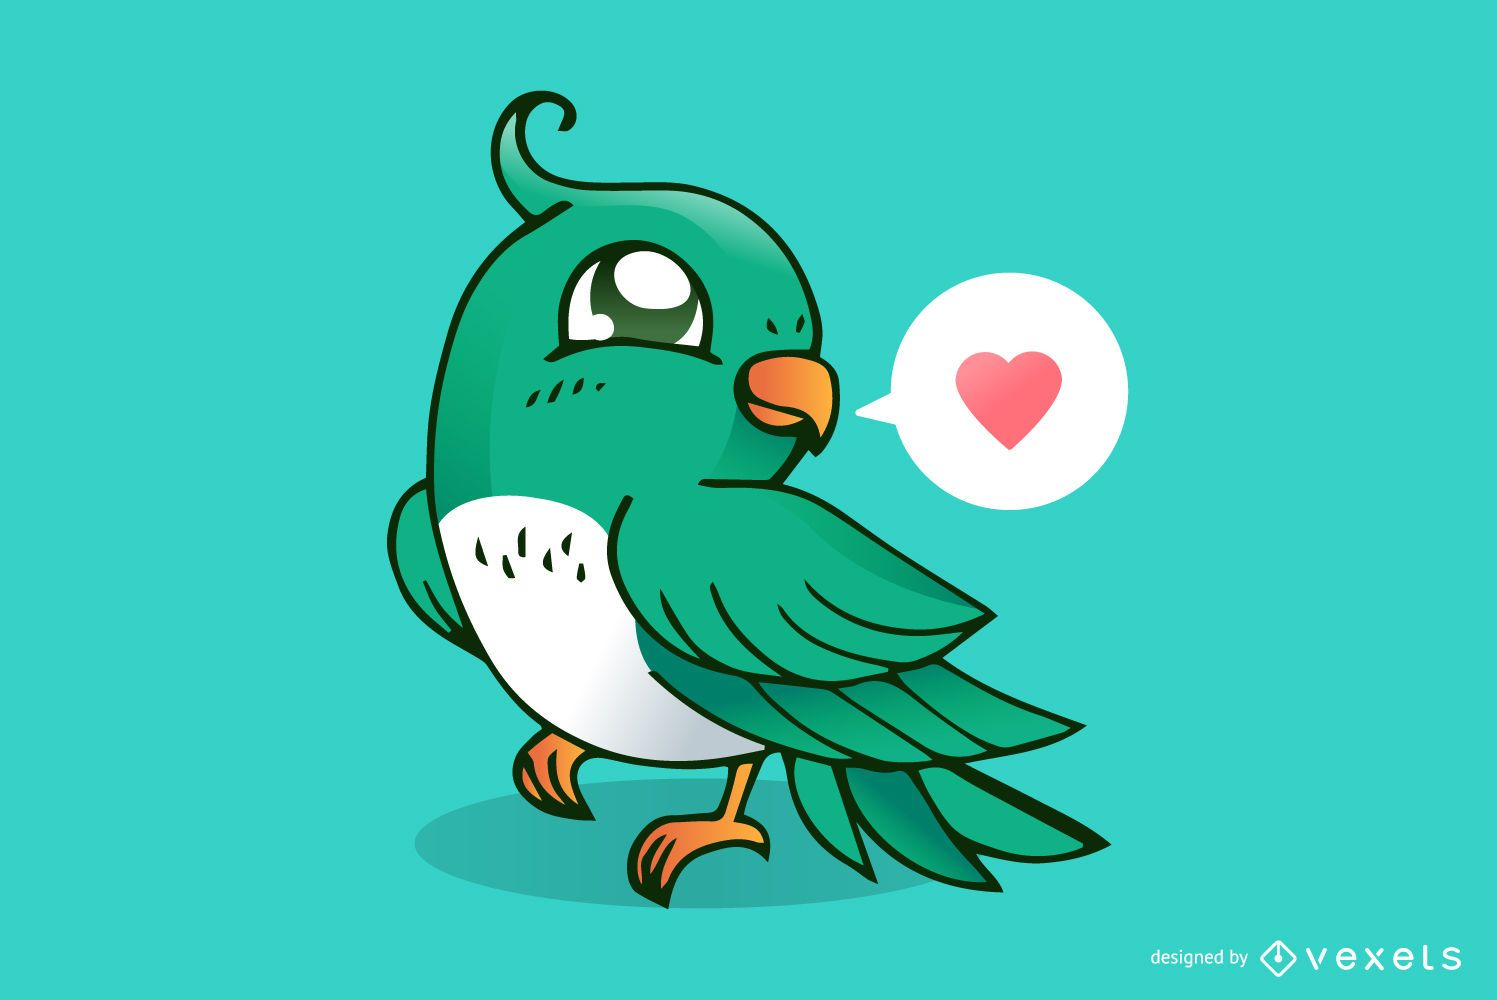 Como Desenhar Coisa Amorosa: Cute Bird Love Cartoon